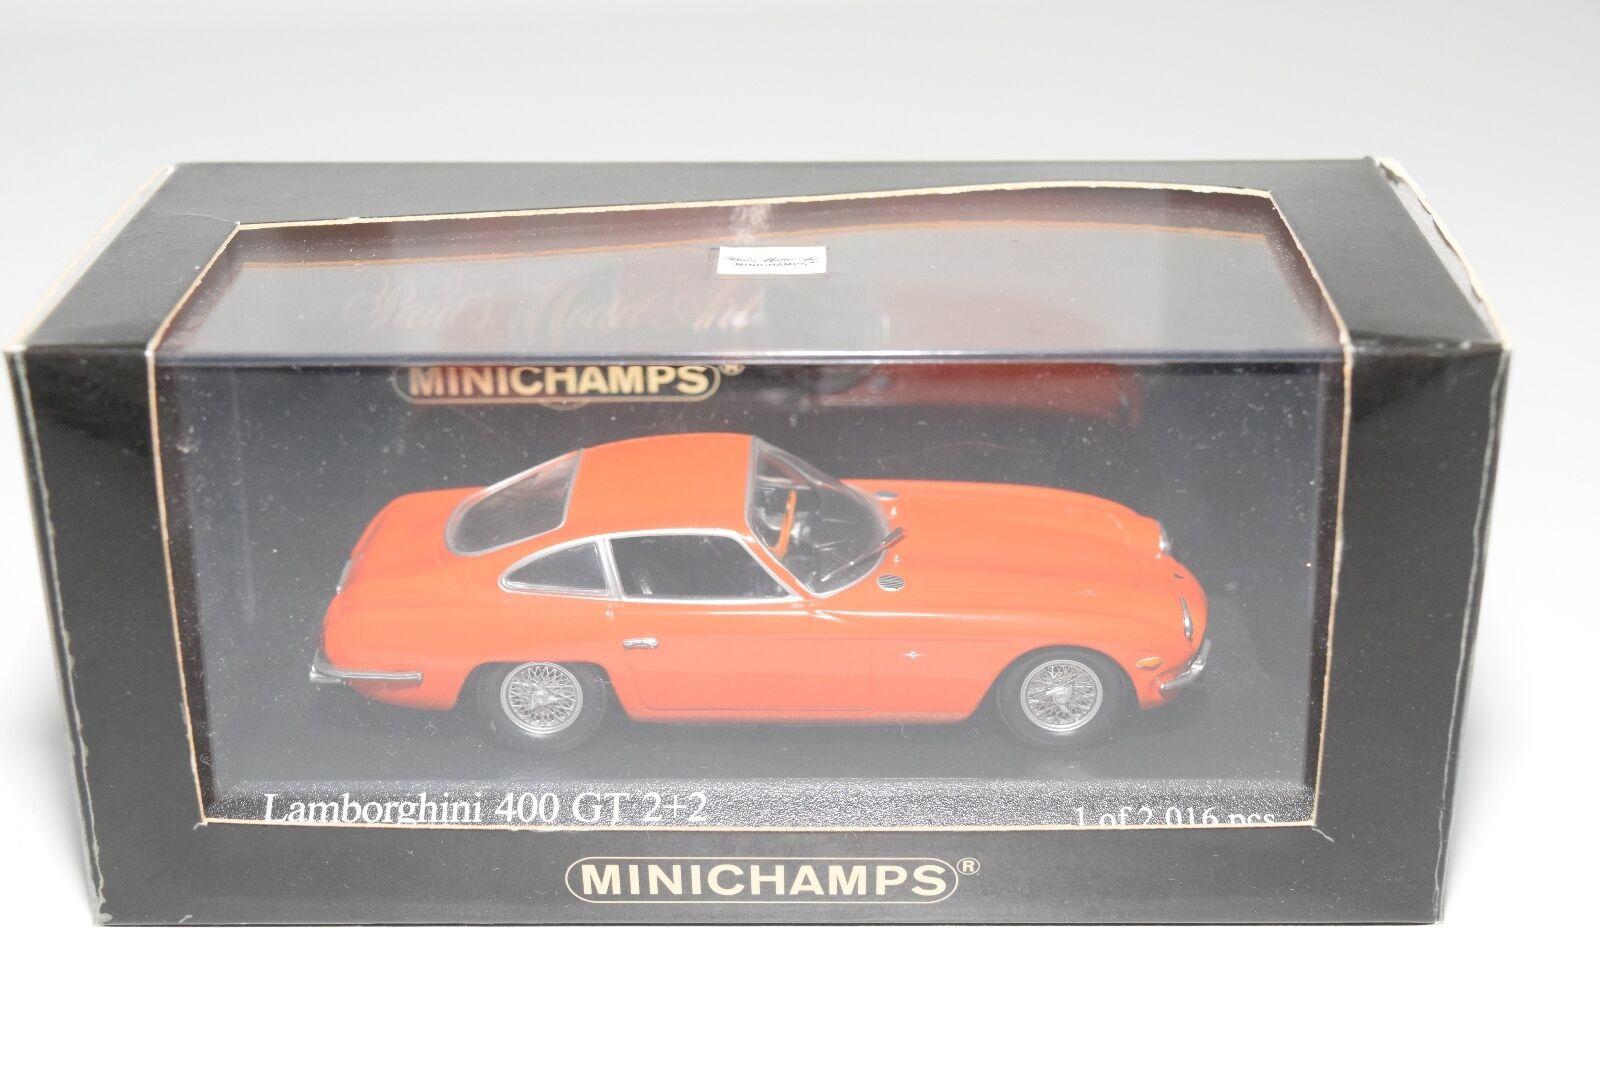 . MINICHAMPS LAMBORGHINI 400 GT 400GT 2+2 1964 orange MINT BOXED